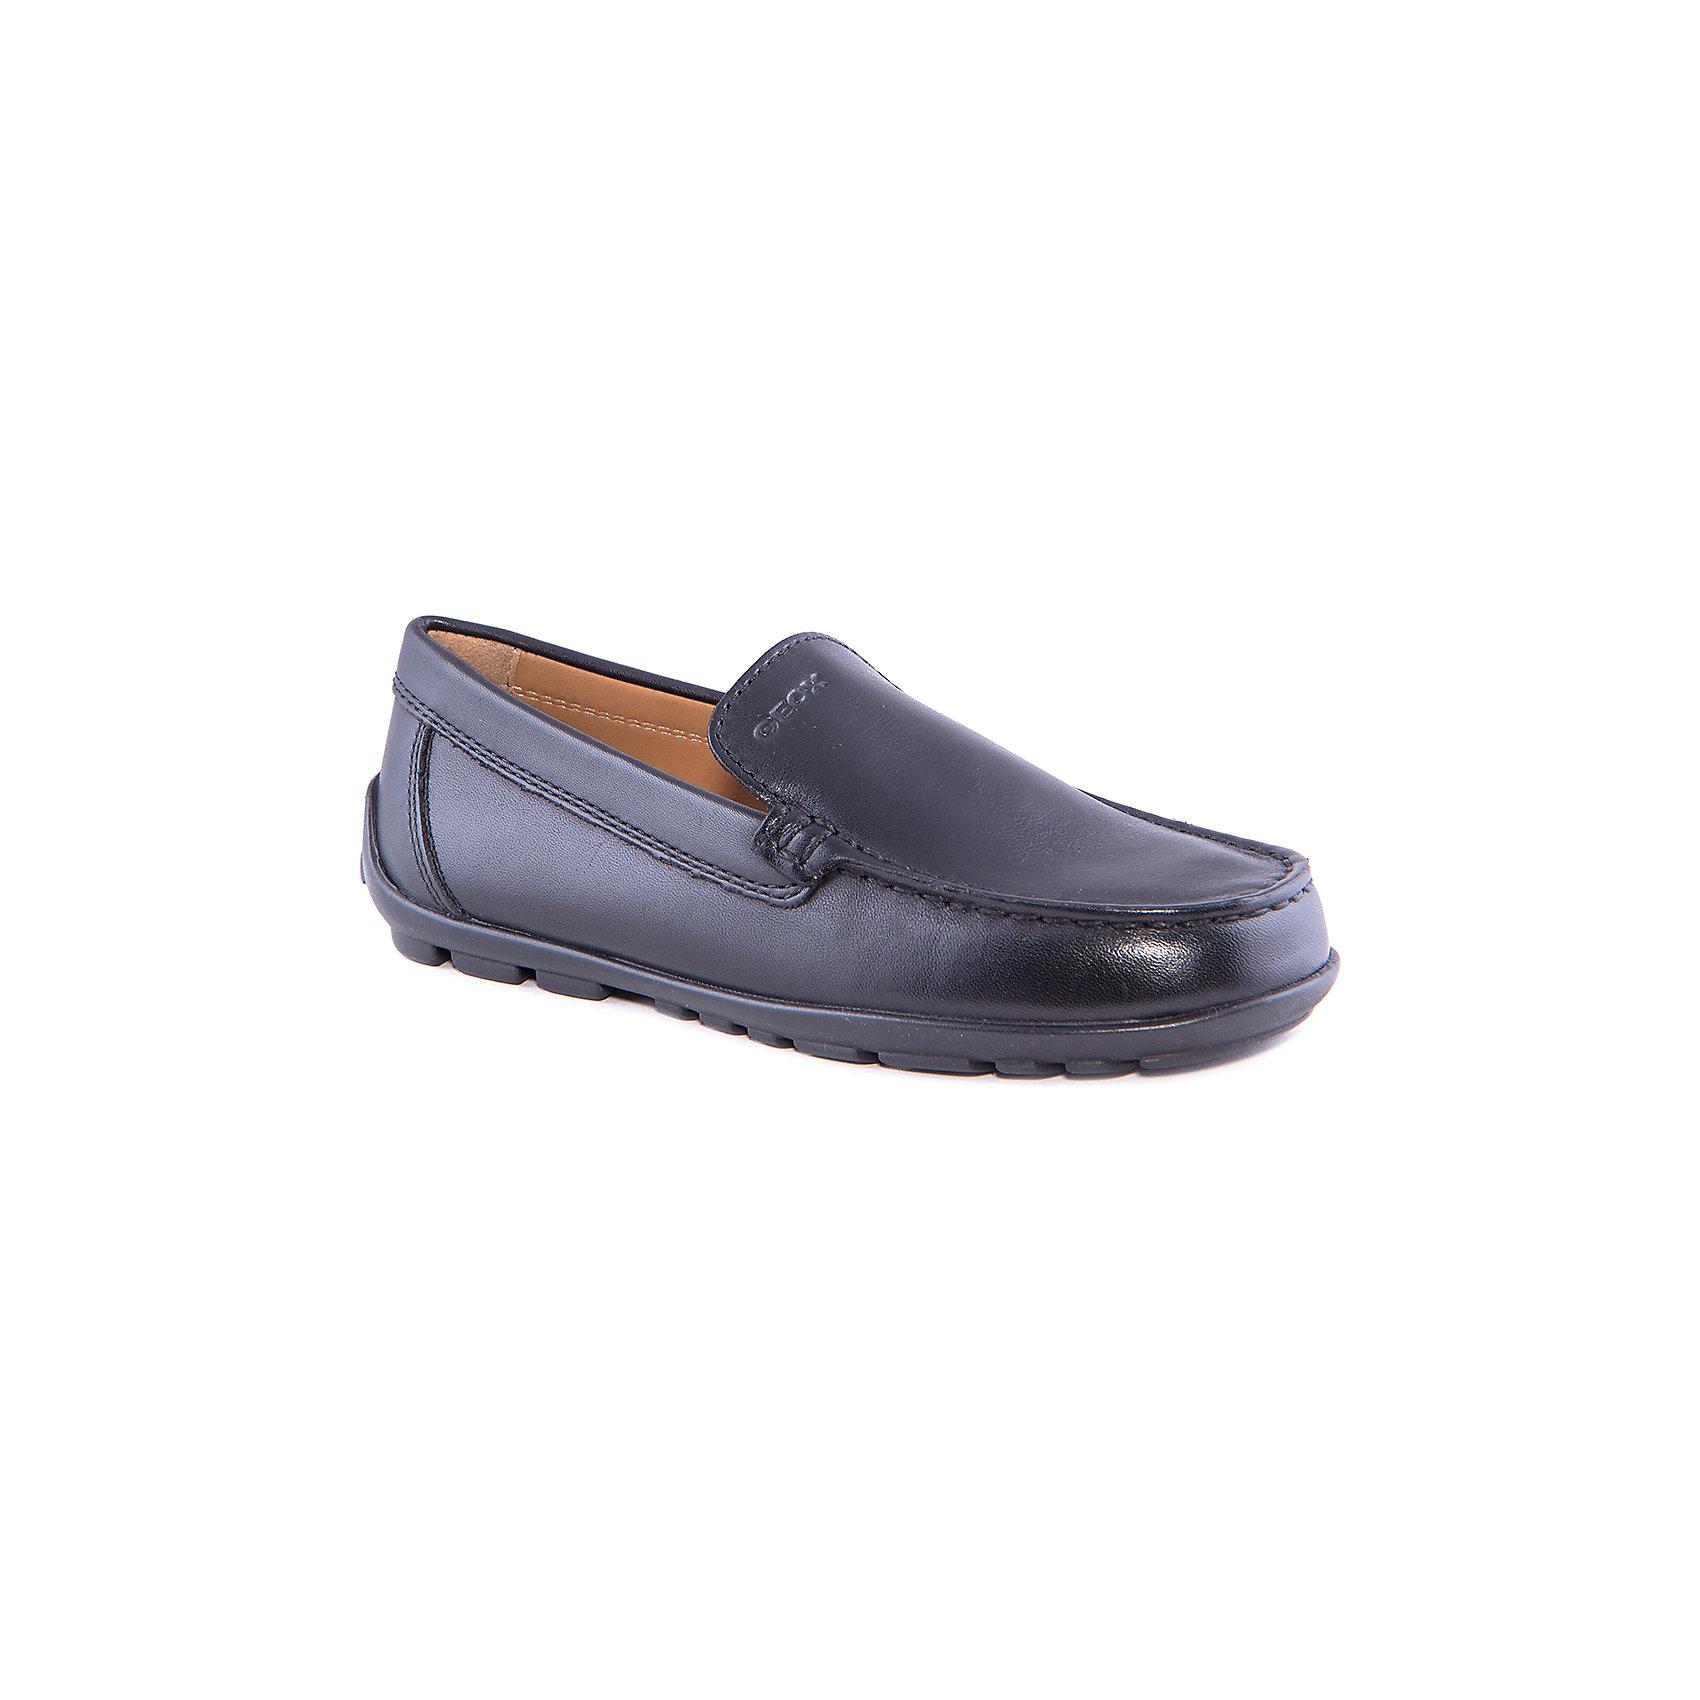 Мокасины для мальчика GEOXОбувь<br>Мокасины для мальчика от популярной марки GEOX.<br>Черные мокасины классической формы сделаны по уникальной технологии. Производитель обуви GEOX разработал специальную дышащую подошву, которая не пропускает влагу внутрь, а также высокотехнологичную стельку. Модель отлично подходит для школьного сезона.<br>Отличительные особенности модели:<br>- гибкая водоотталкивающая подошва с дышащей мембраной;<br>- мягкий и легкий верх;<br>- эргономичная форма;<br>- комфортное облегание;<br>- ударопрочная антибактериальная стелька;<br>- защита пятки и пальцев;<br>- верх обуви и подкладка сделаны без использования хрома.<br>Дополнительная информация:<br>- Температурный режим: от +5° С  до + 20° С.<br>- Состав:<br>материал верха: кожа<br>материал подкладки: кожа<br>подошва: полимер.<br>Мокасины для мальчика GEOX (Геокс) можно купить в нашем магазине.<br><br>Ширина мм: 227<br>Глубина мм: 145<br>Высота мм: 124<br>Вес г: 325<br>Цвет: черный<br>Возраст от месяцев: 96<br>Возраст до месяцев: 108<br>Пол: Мужской<br>Возраст: Детский<br>Размер: 32,30,35,39,38,37,36,34,33,31,28,29<br>SKU: 4178115